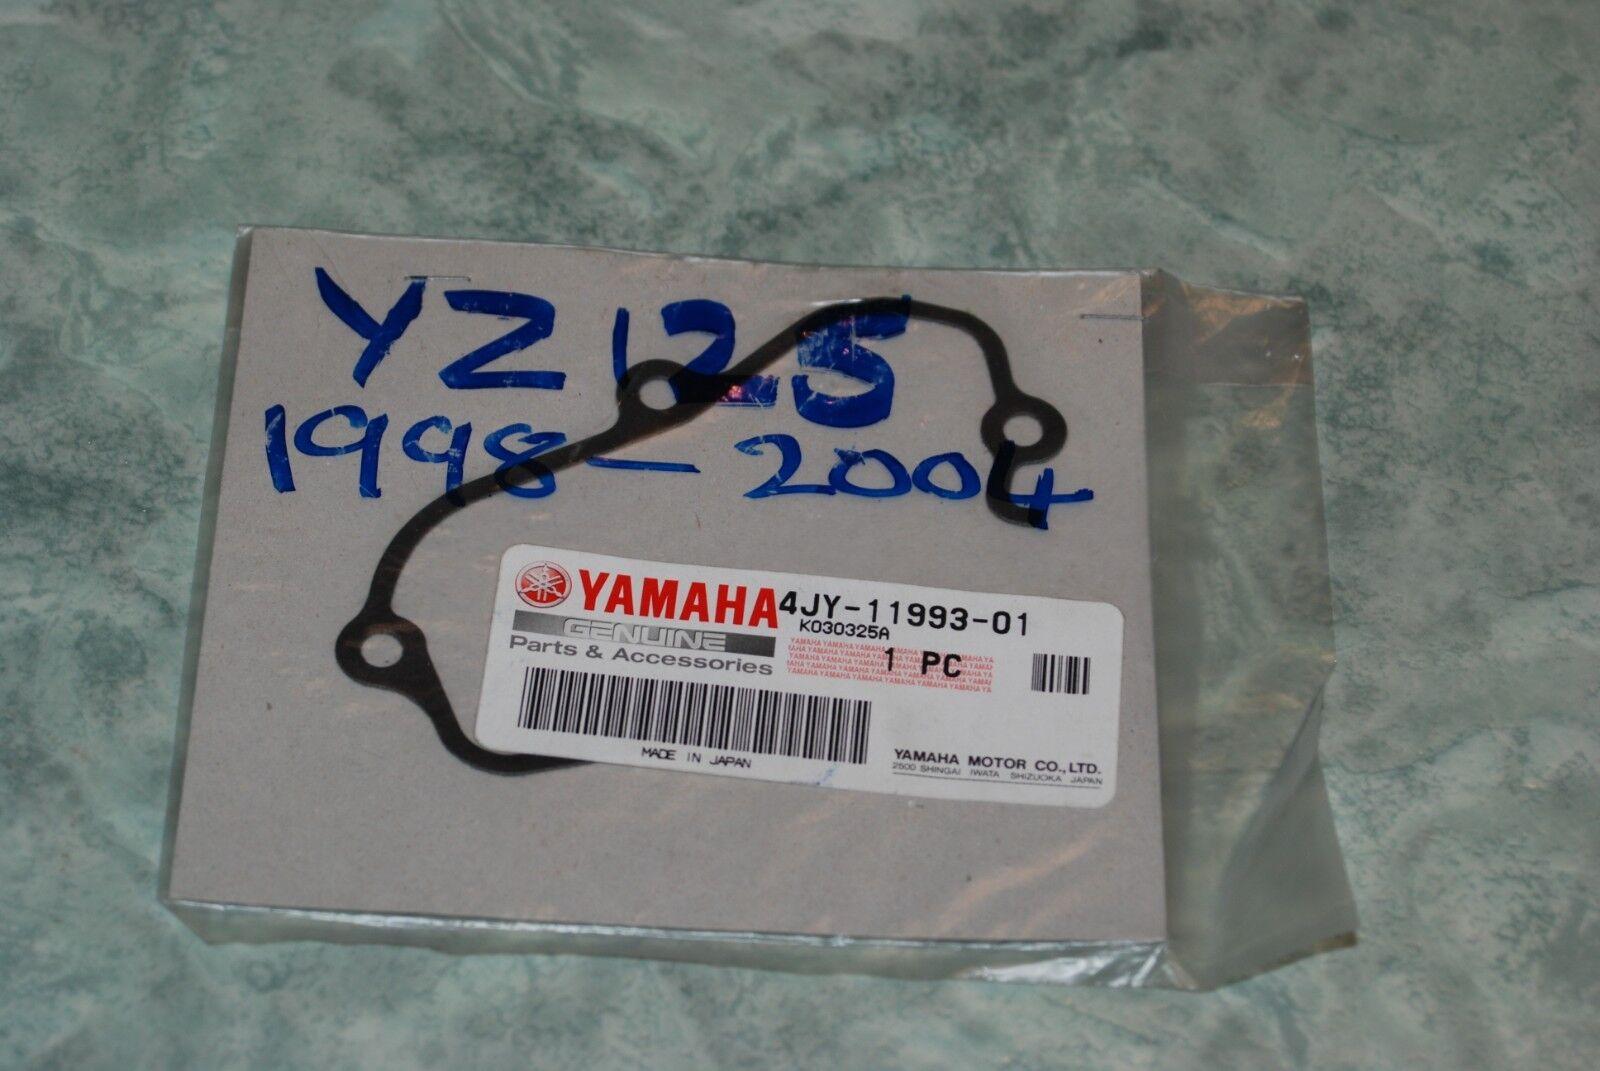 1998-2004 Yamaha YZ125 POWER VALVE GASKET  4JY-11993-01 YZ 125